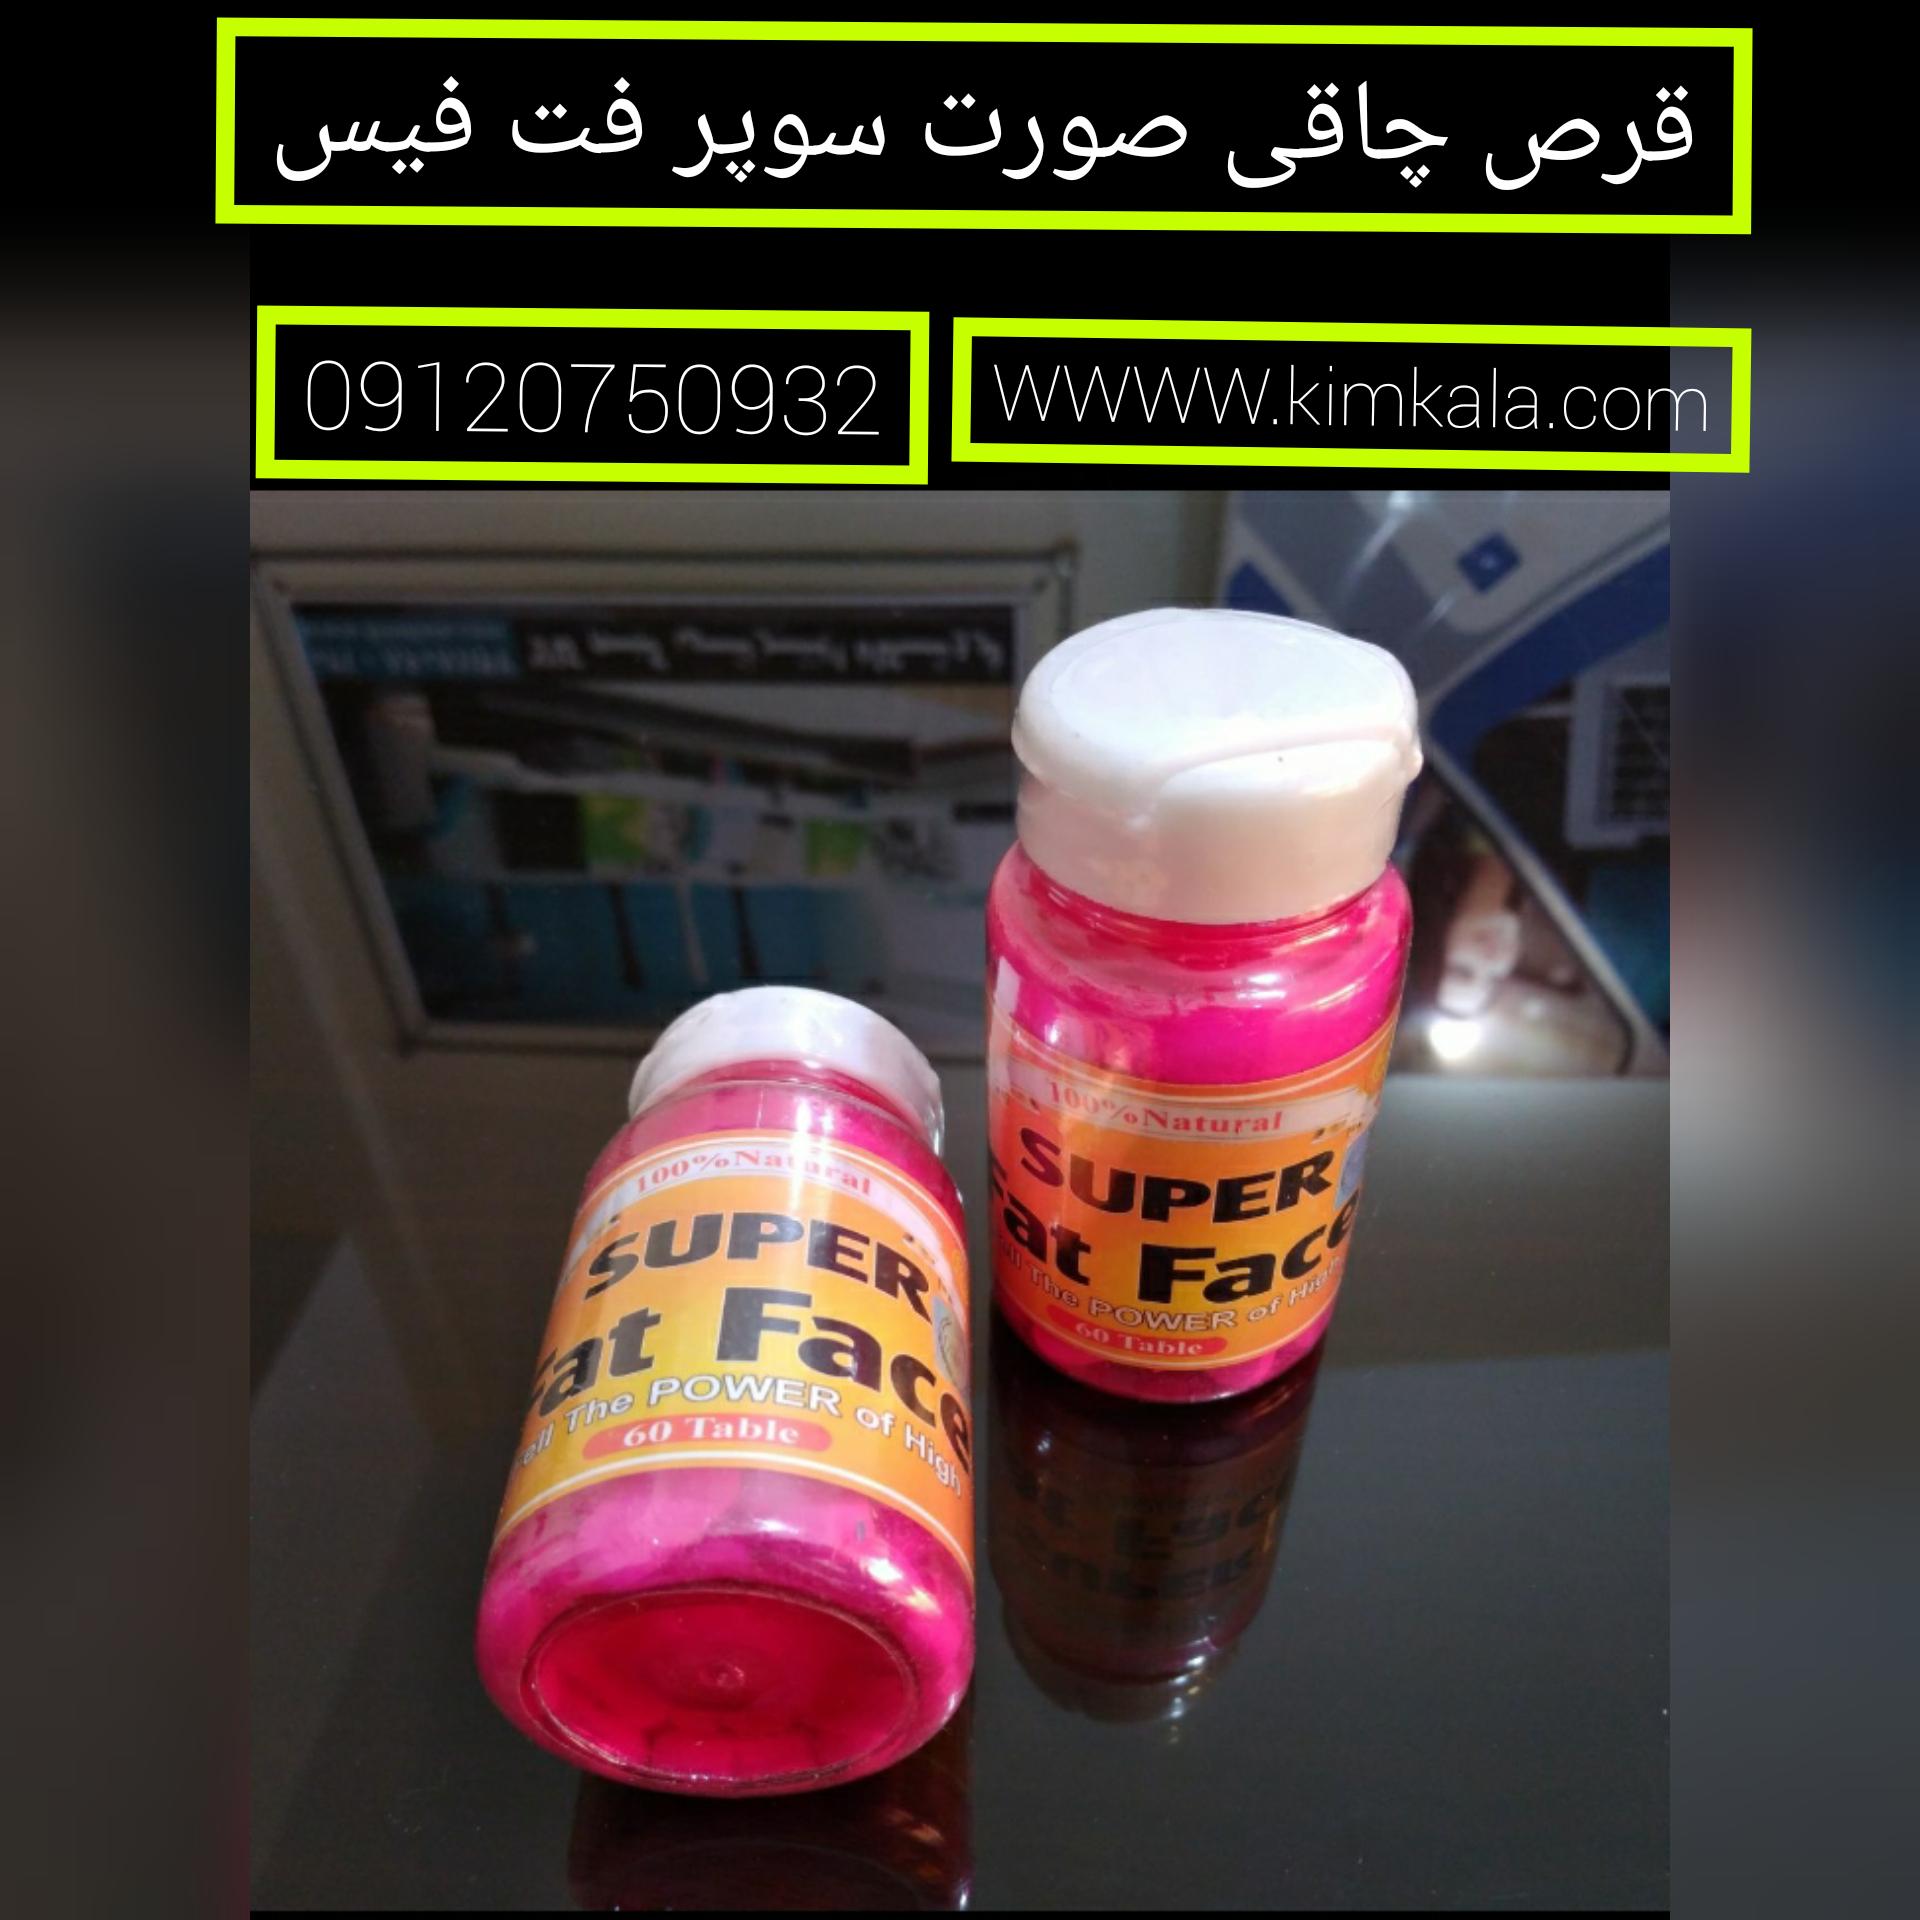 قرص چاقی سوپر فت فیس/09120750932/قیمت کپسول